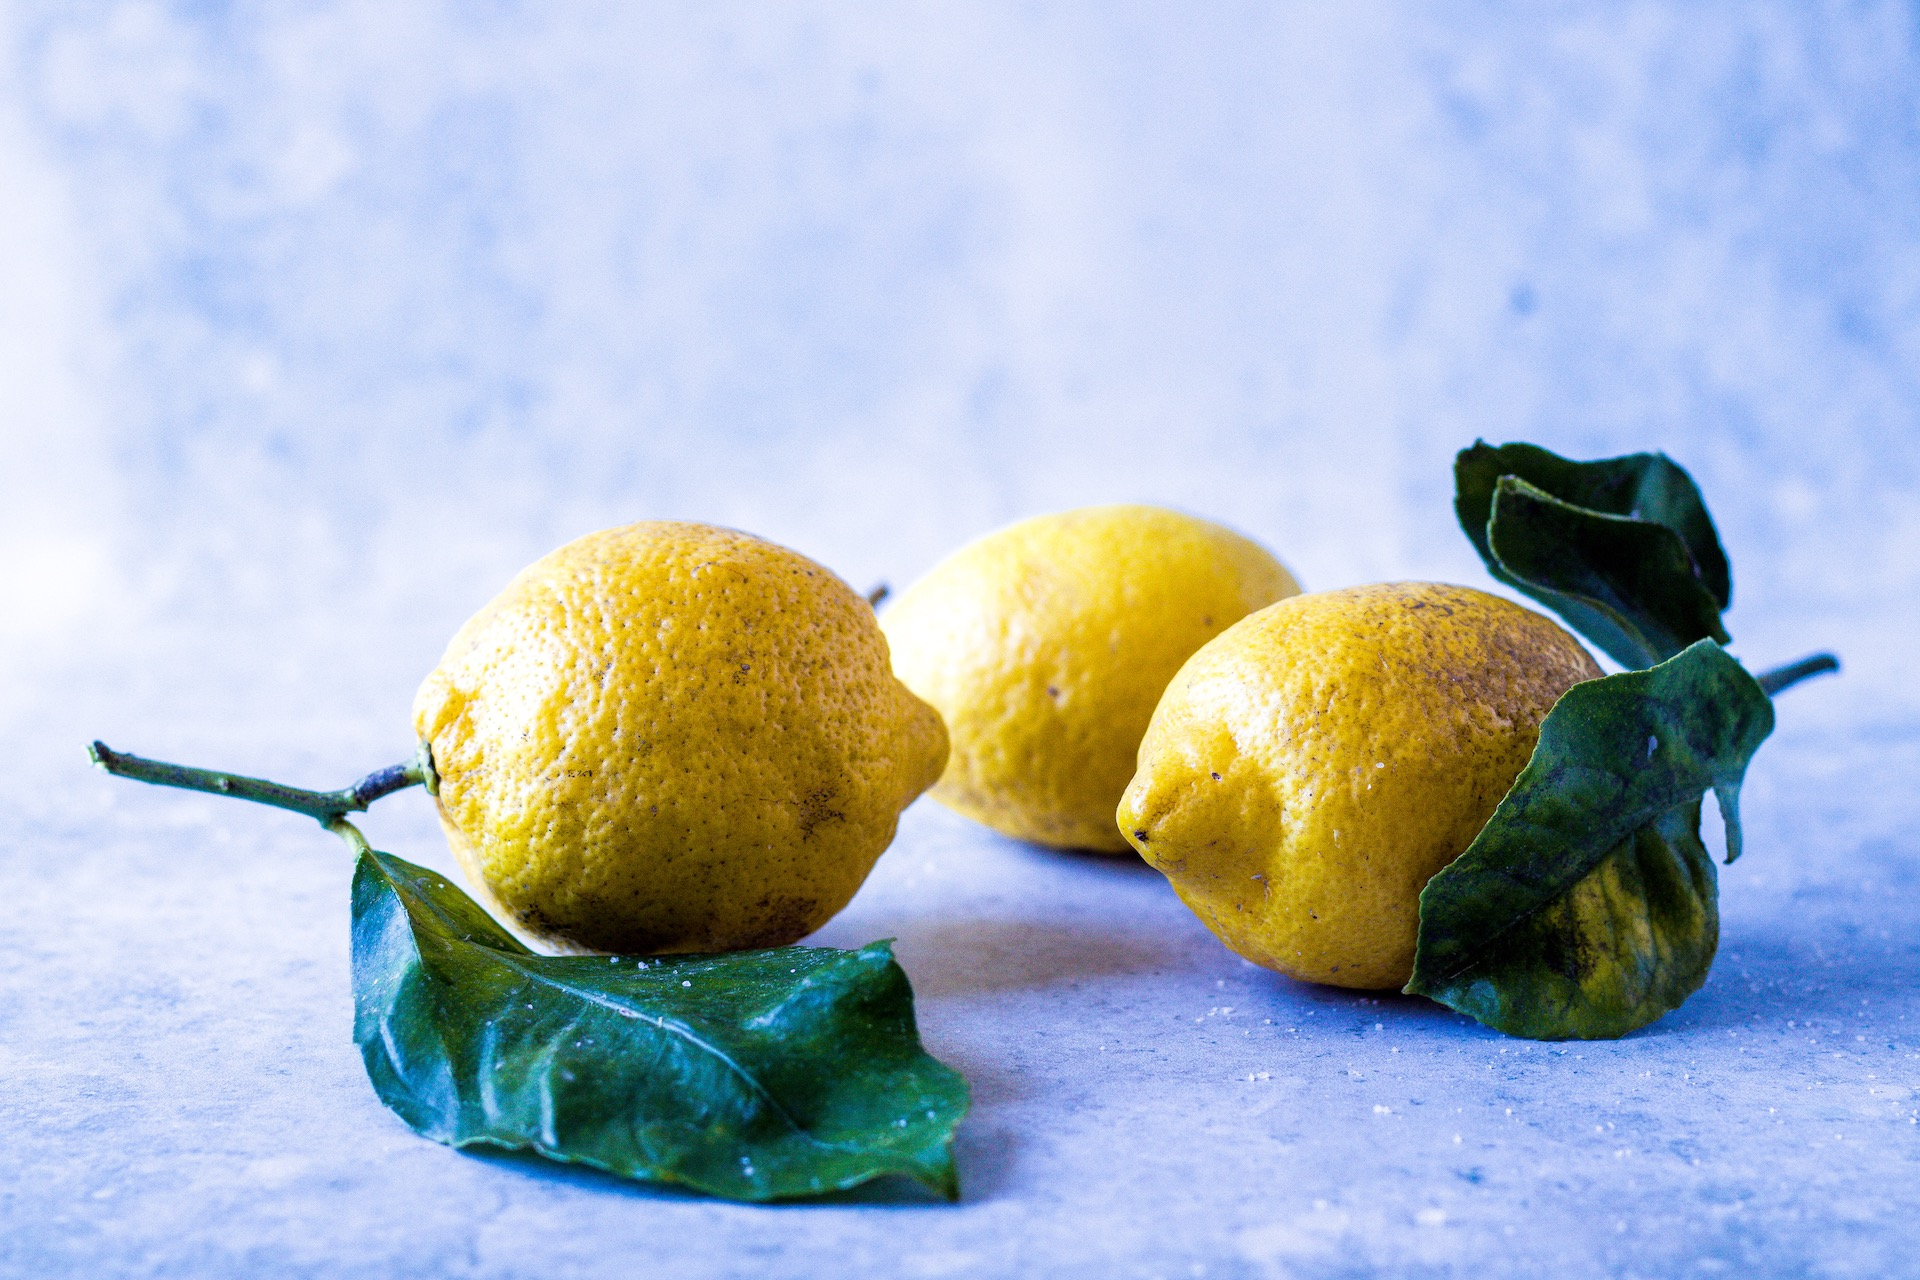 Rezept für marokkanische Salzzitronen mit Lorbeer. #einmachen #salzzitronen #zitronen #fermente #marokko